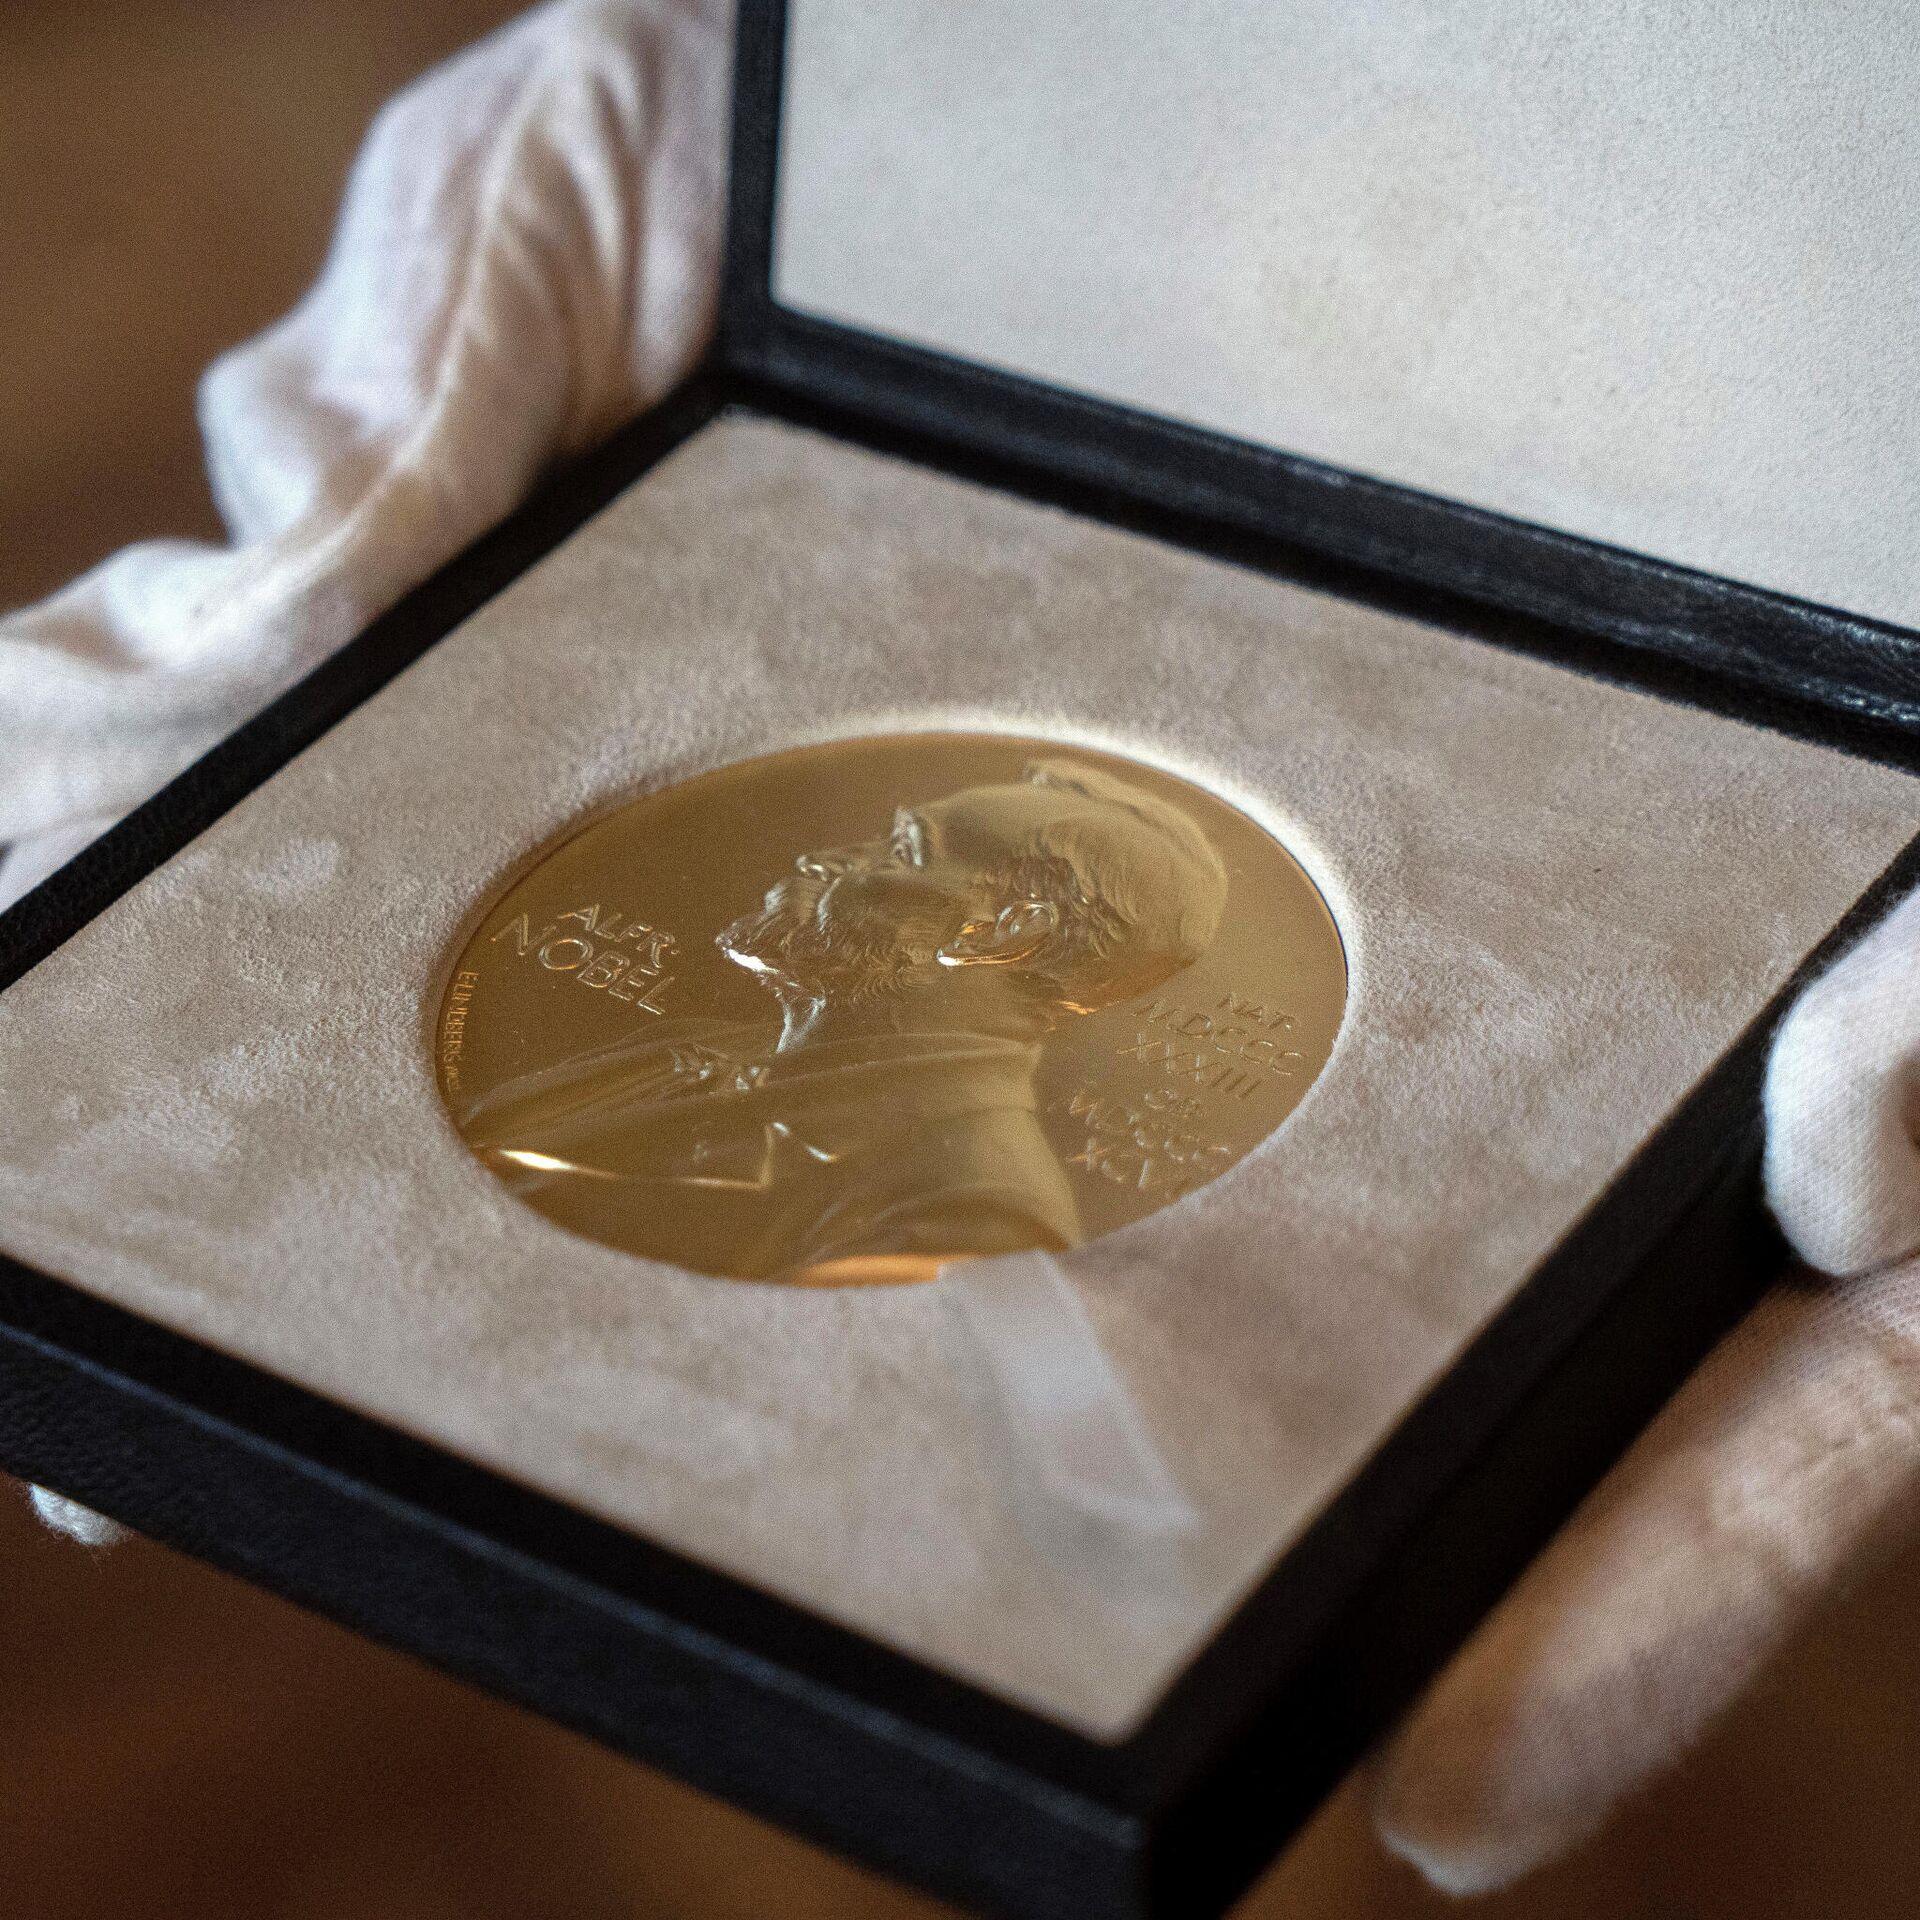 За что Муратову дали Нобелевскую премию мира: рассказали эксперты